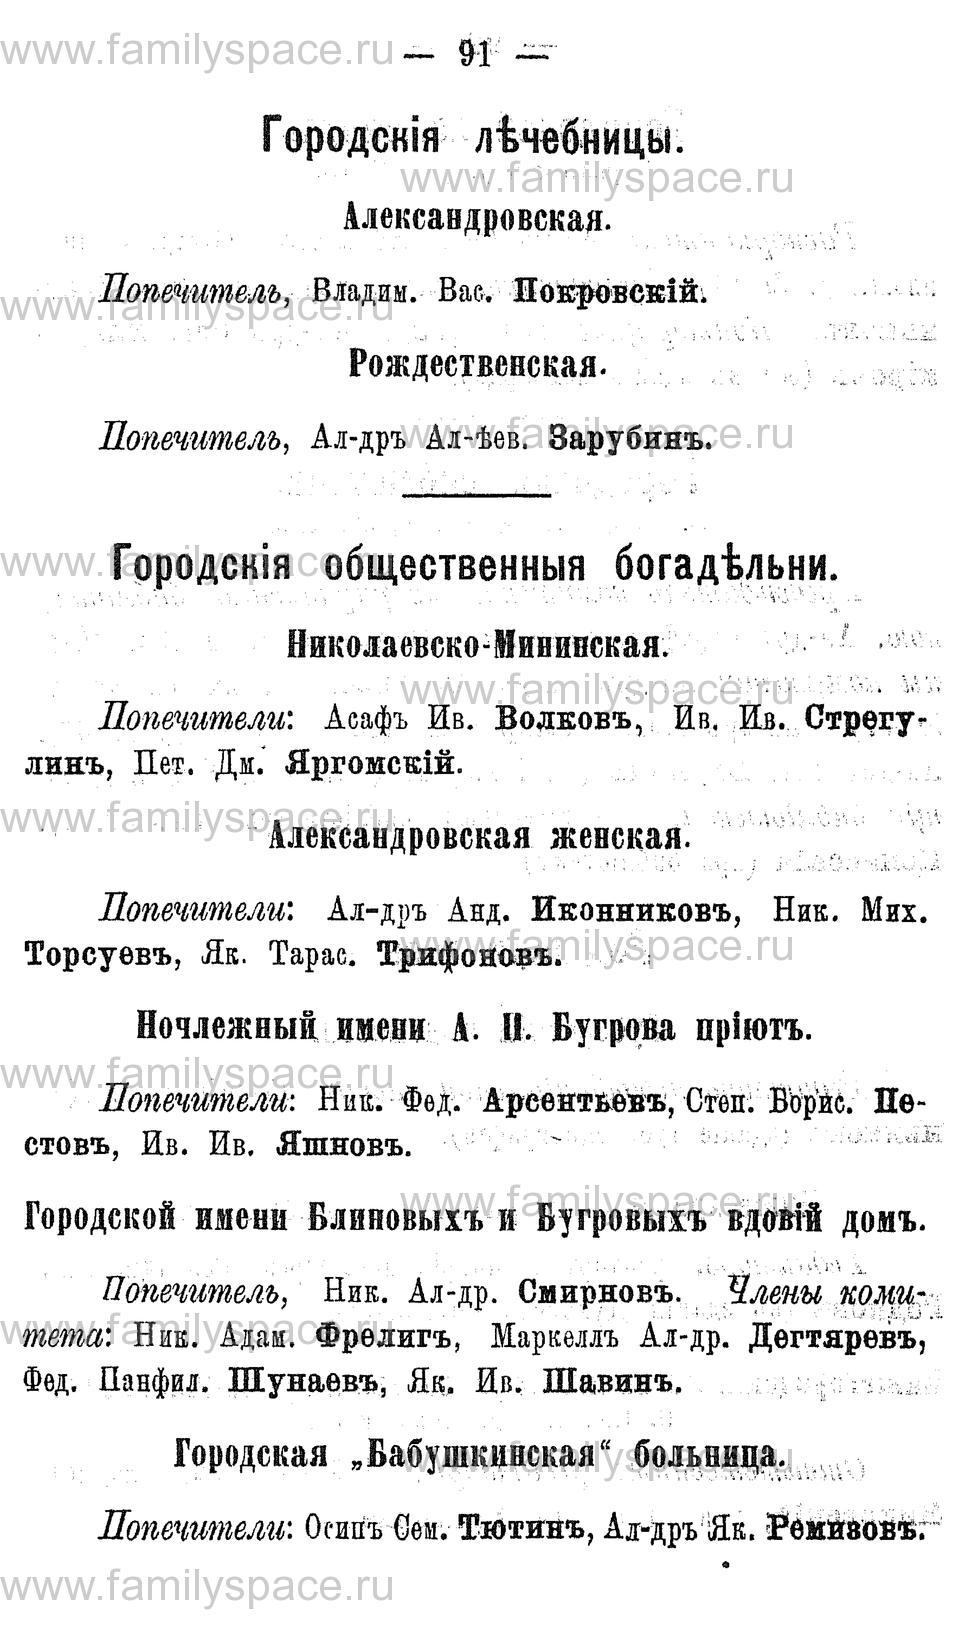 Поиск по фамилии - Адрес-календарь Нижегородской губернии на 1891 год, страница 91